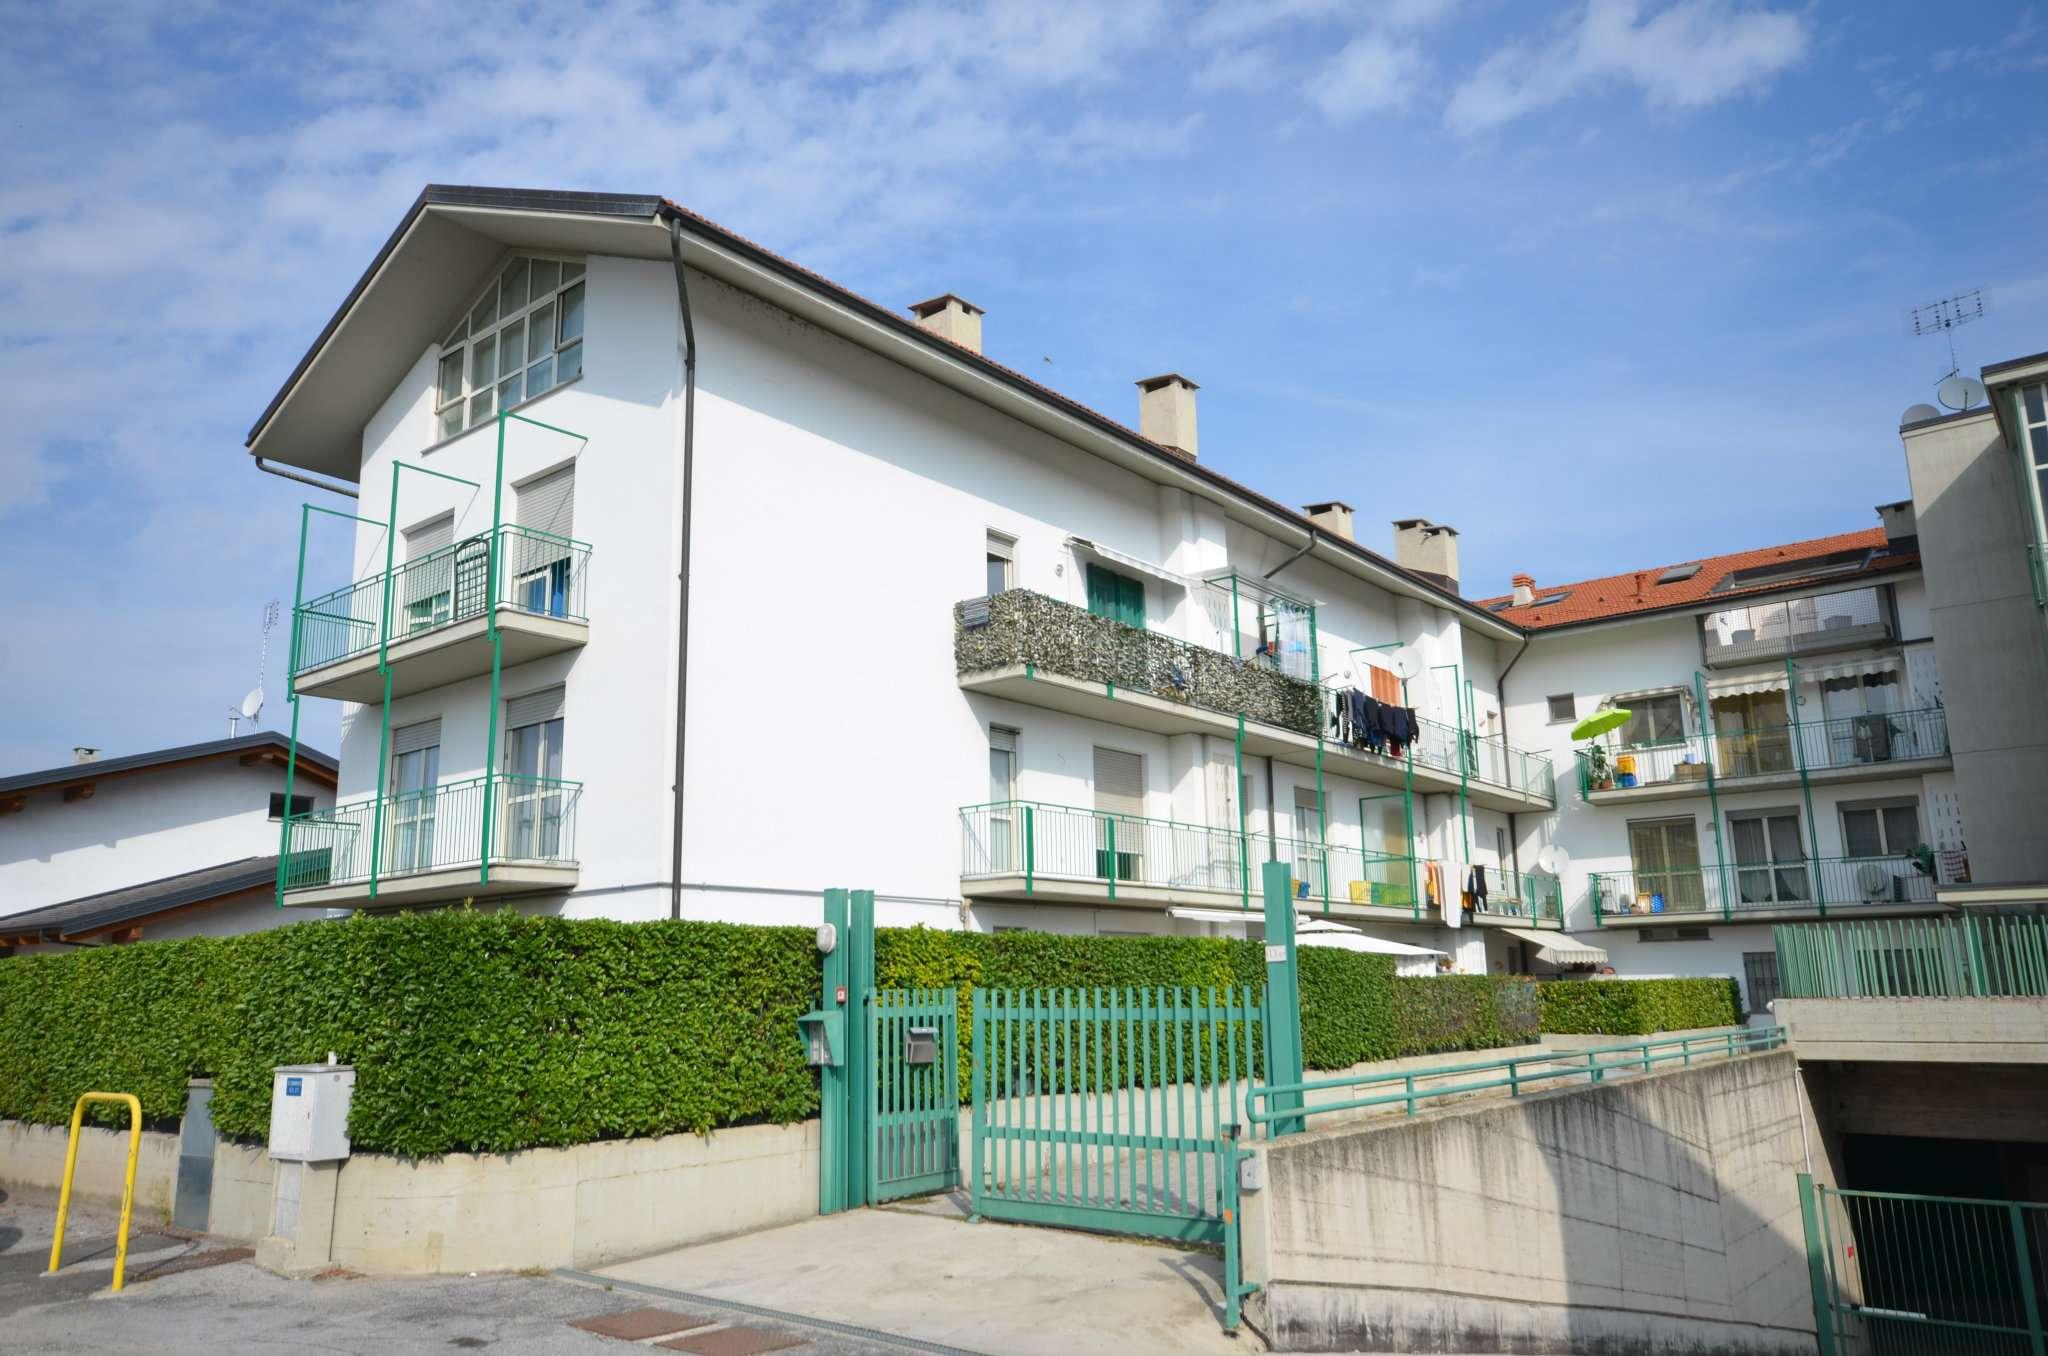 Appartamento in vendita a Cuneo, 4 locali, prezzo € 185.000 | CambioCasa.it